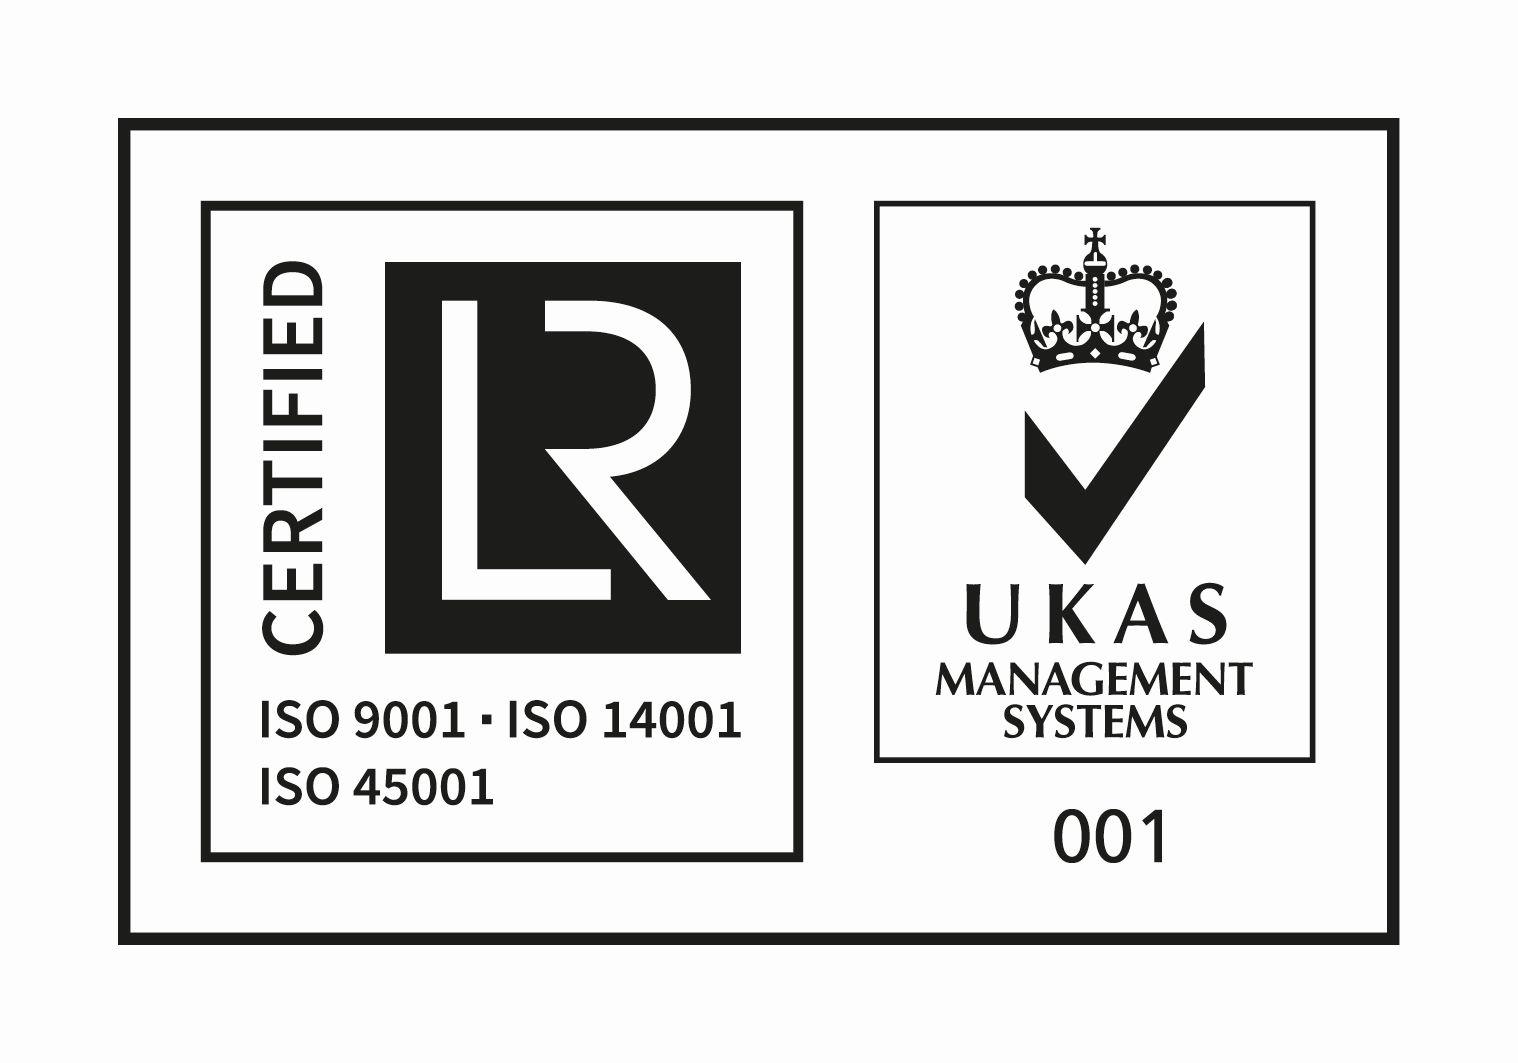 UKAS ISO 9001 - ISO 14001 - ISO 45001